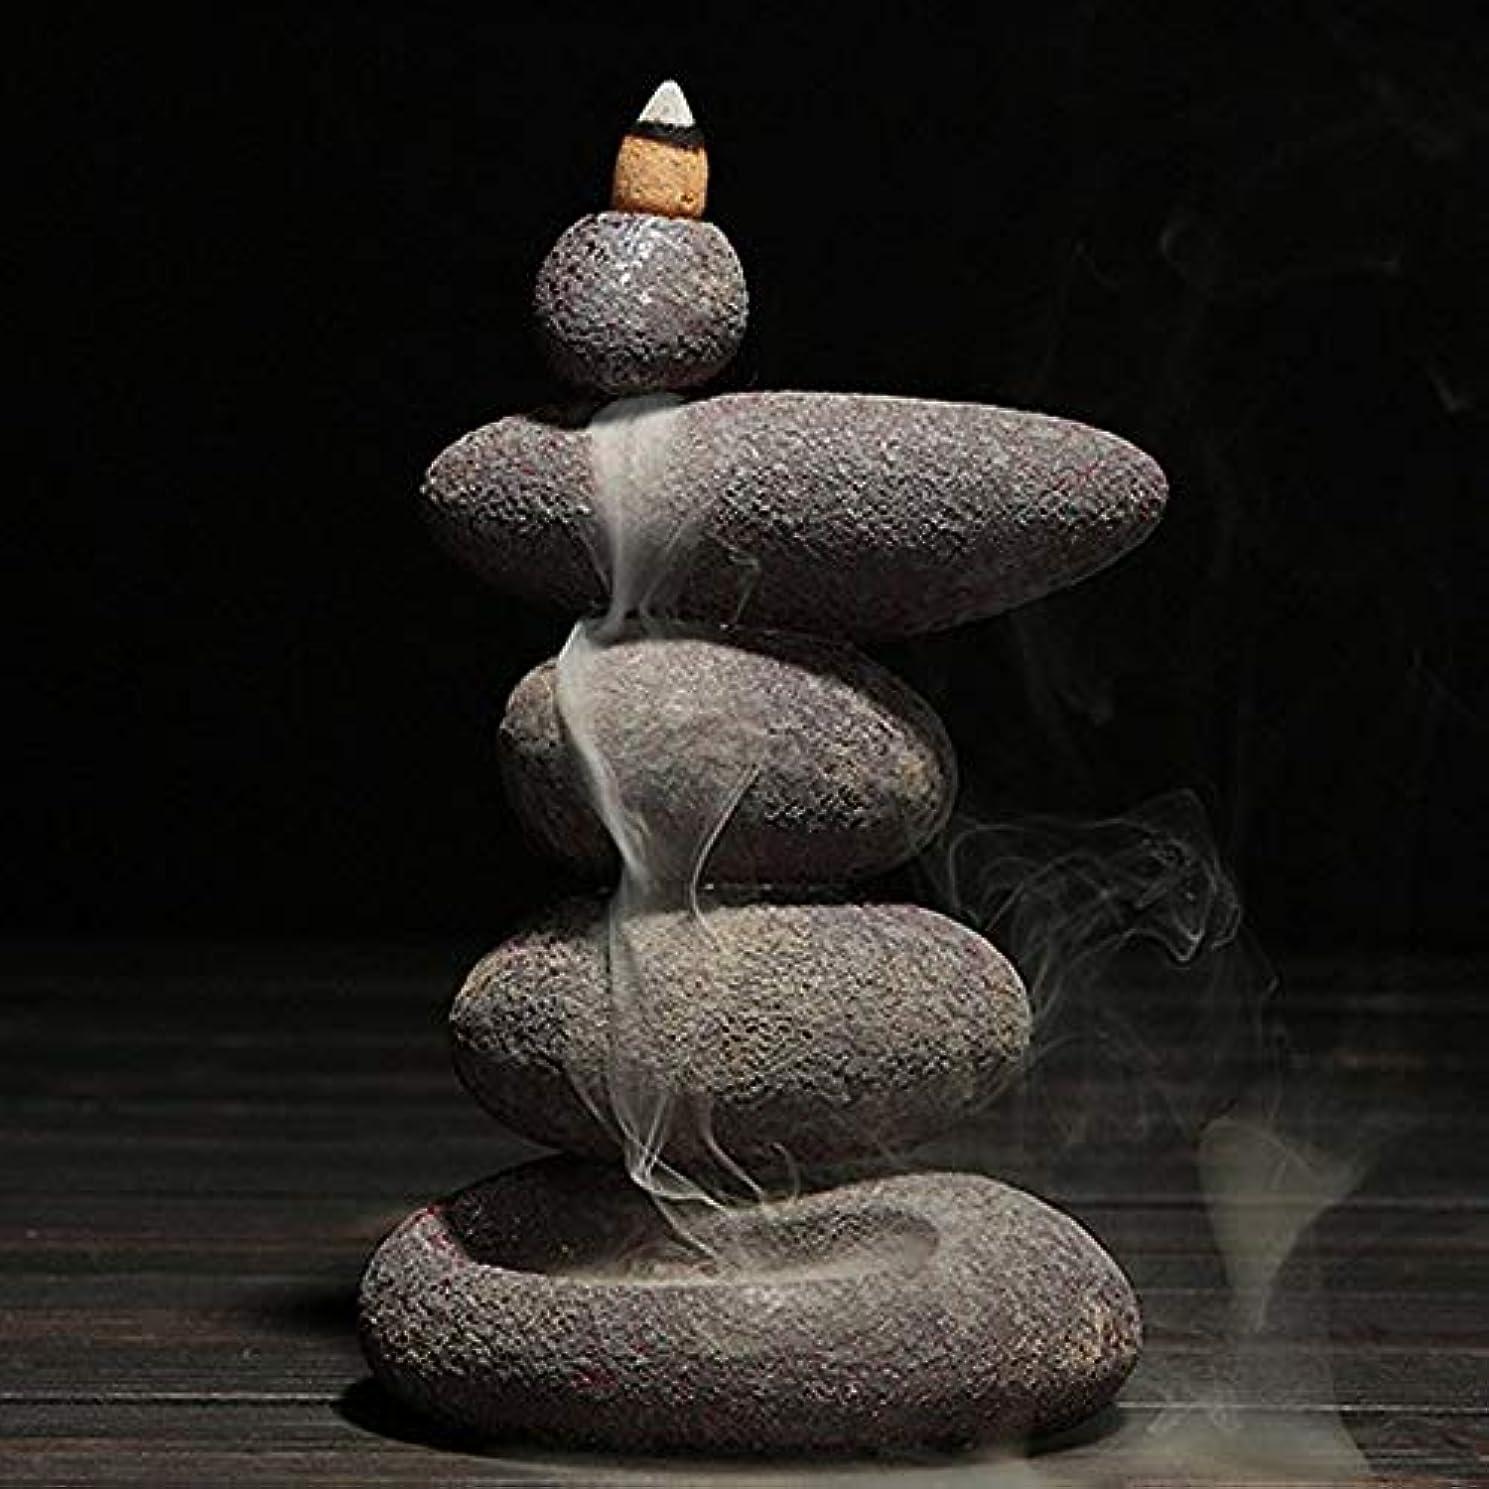 正しい虚弱硬さお香 20個入り セラミック 香炉 逆流香 装飾レトロ 禅 仏教 アロマ リラクゼーション